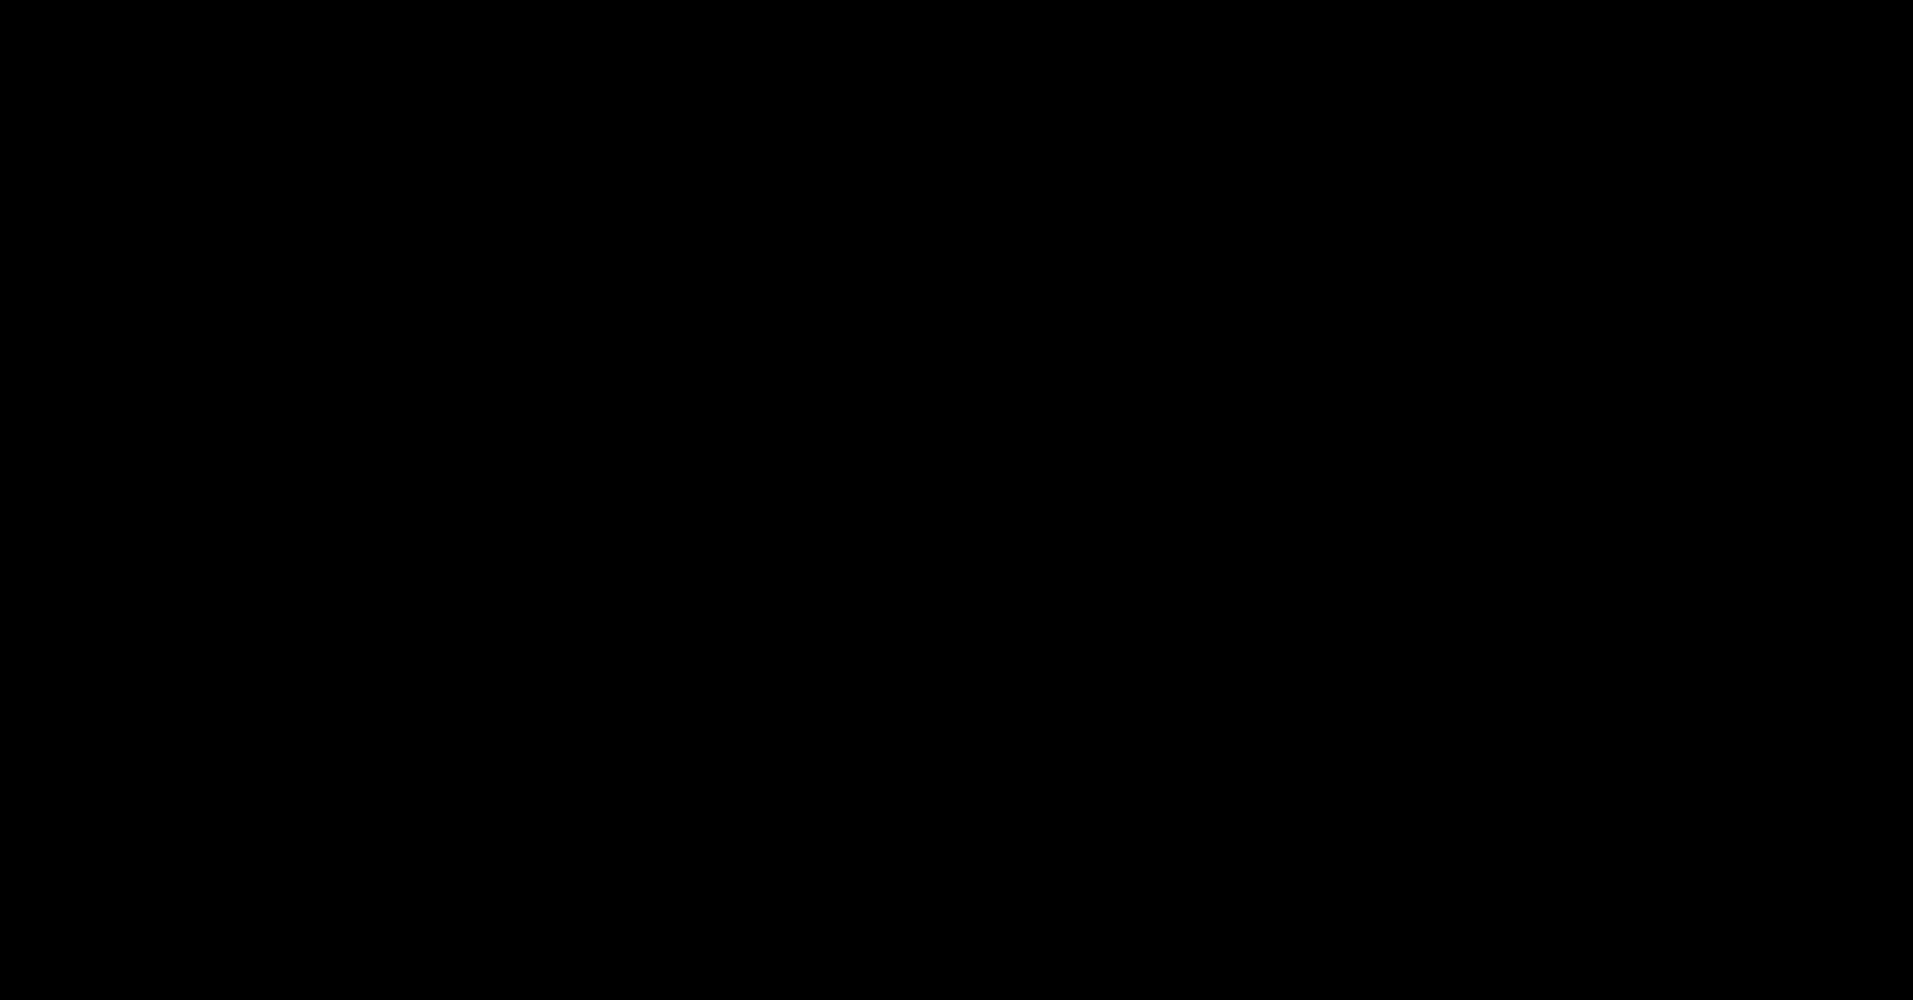 Placa Cimentícia NTF 6MM (1,20 x 2,40M)